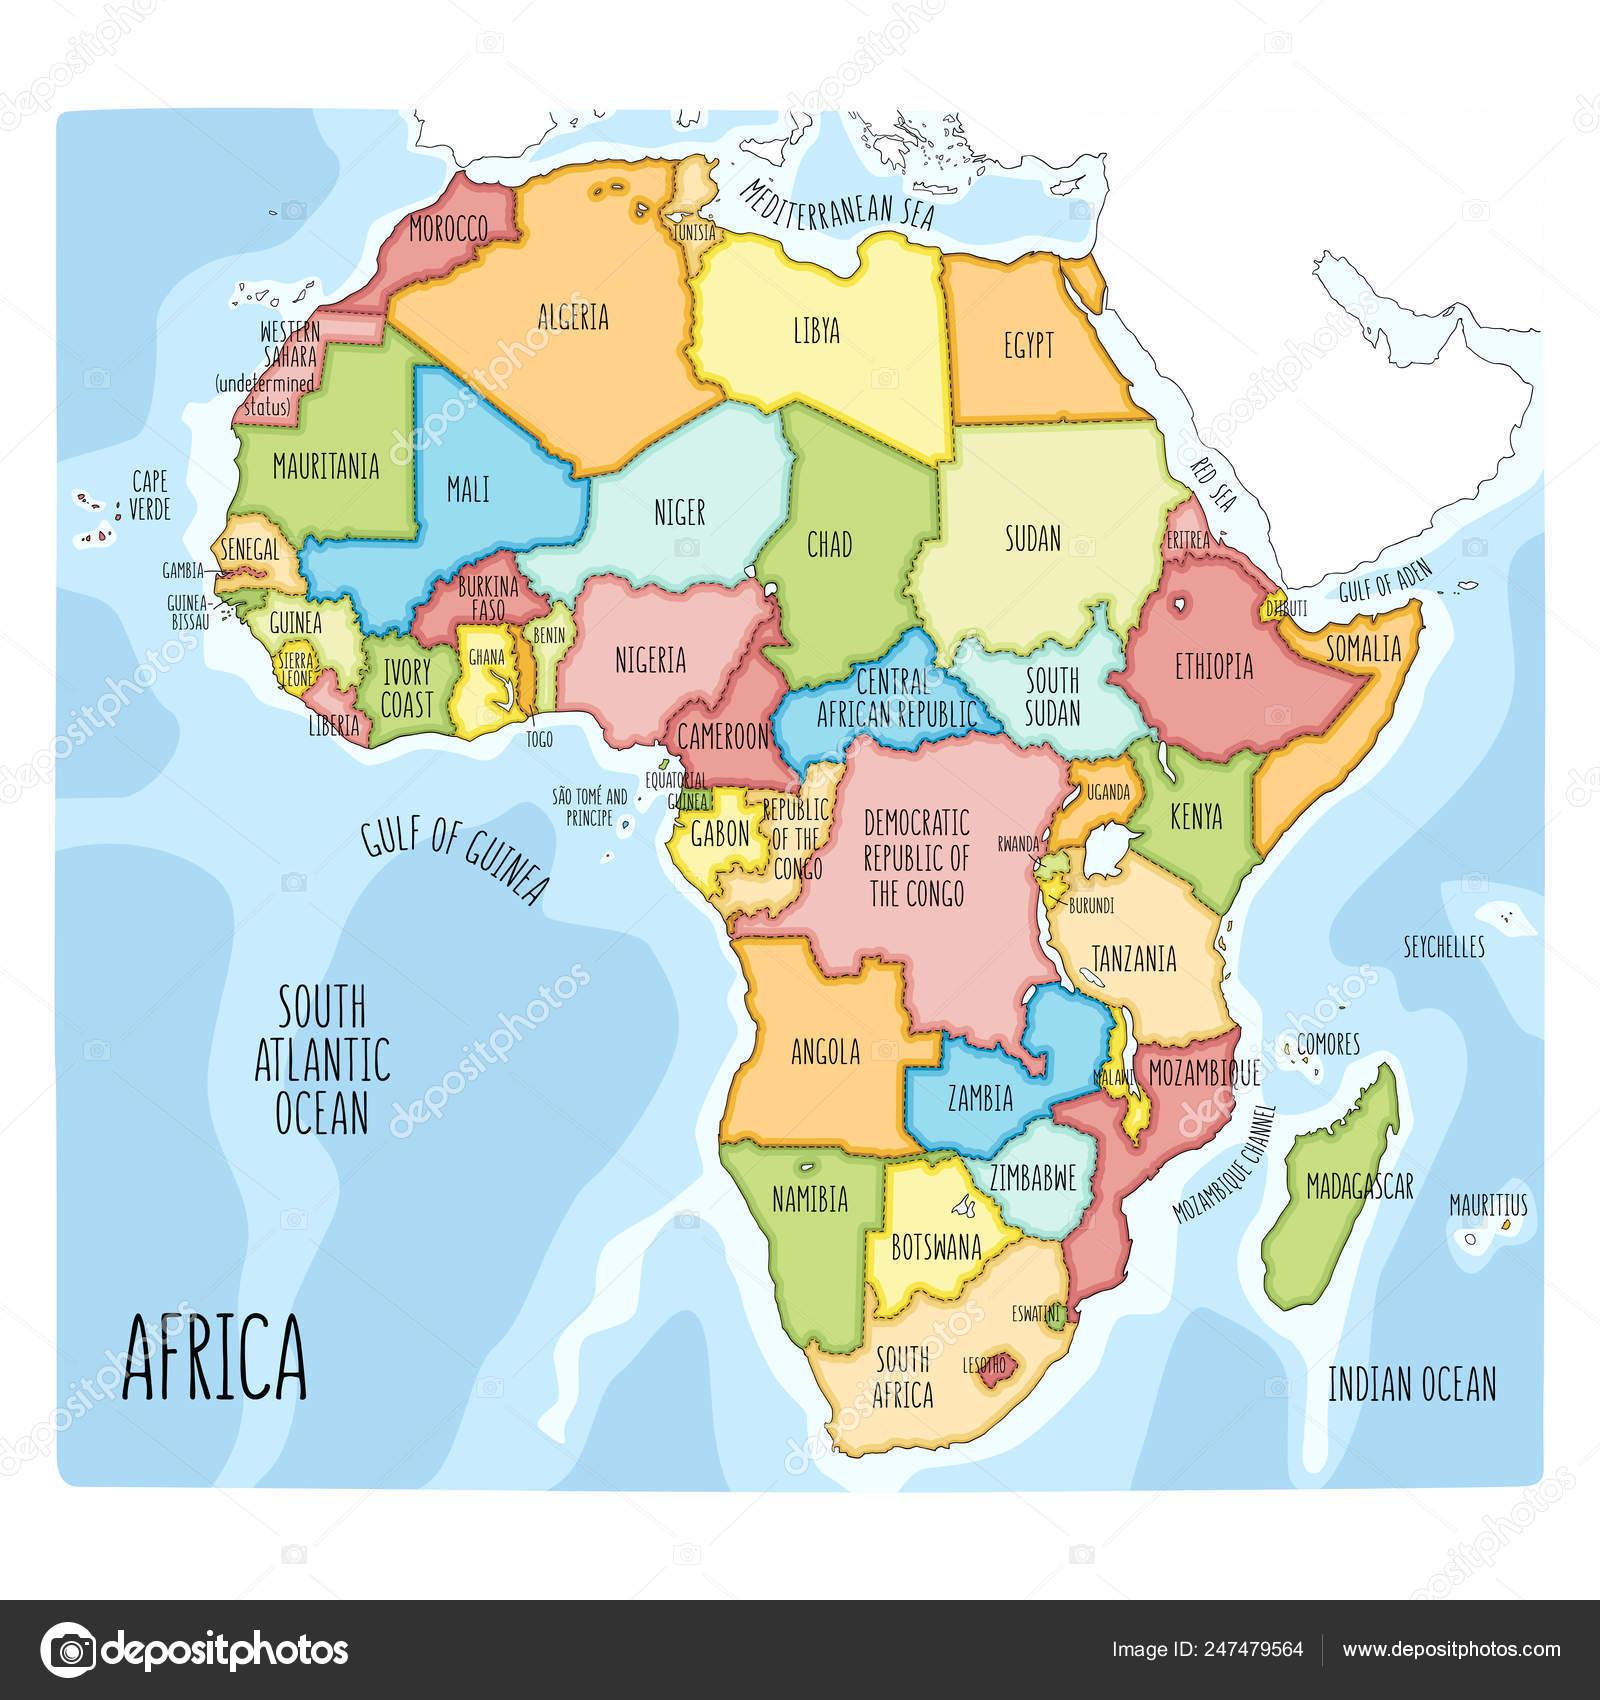 Africa Politica Cartina In Italiano.Mappa Disegnata A Mano Variopinta Politico Dell Africa